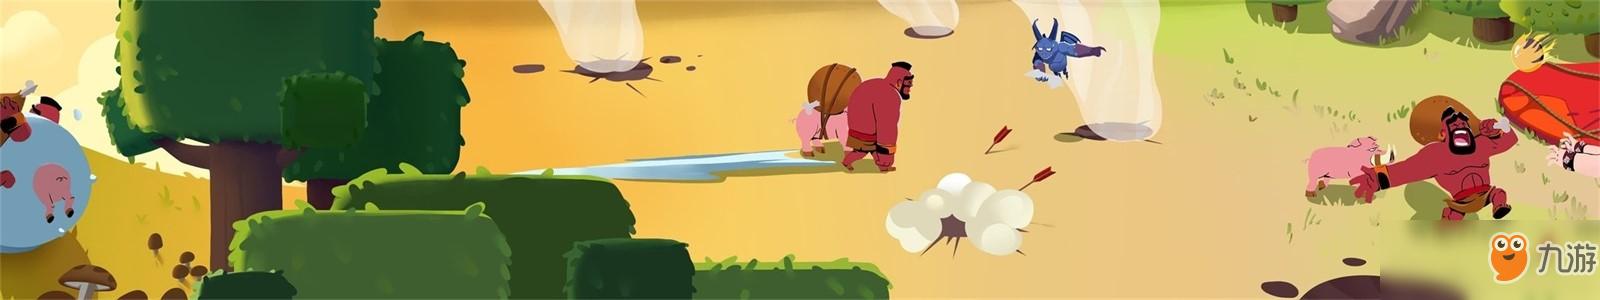 大起大落落落落 《部落冲突》野猪骑士的送餐辛酸史让人泪目